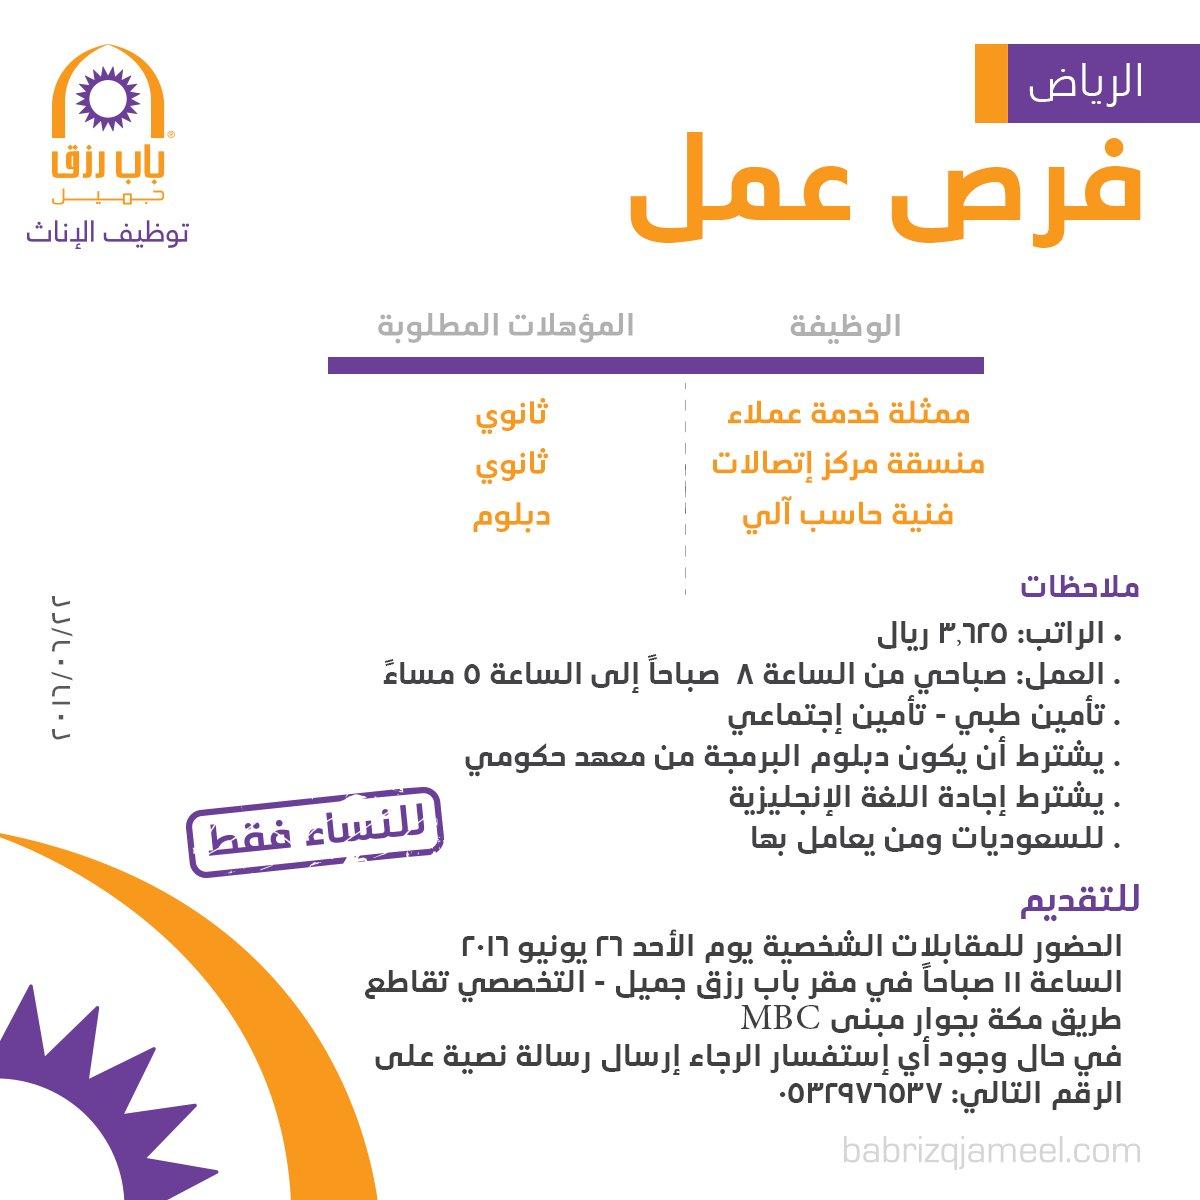 غدا الأحد التقديم على 3 وظائف نسائية - الرياض